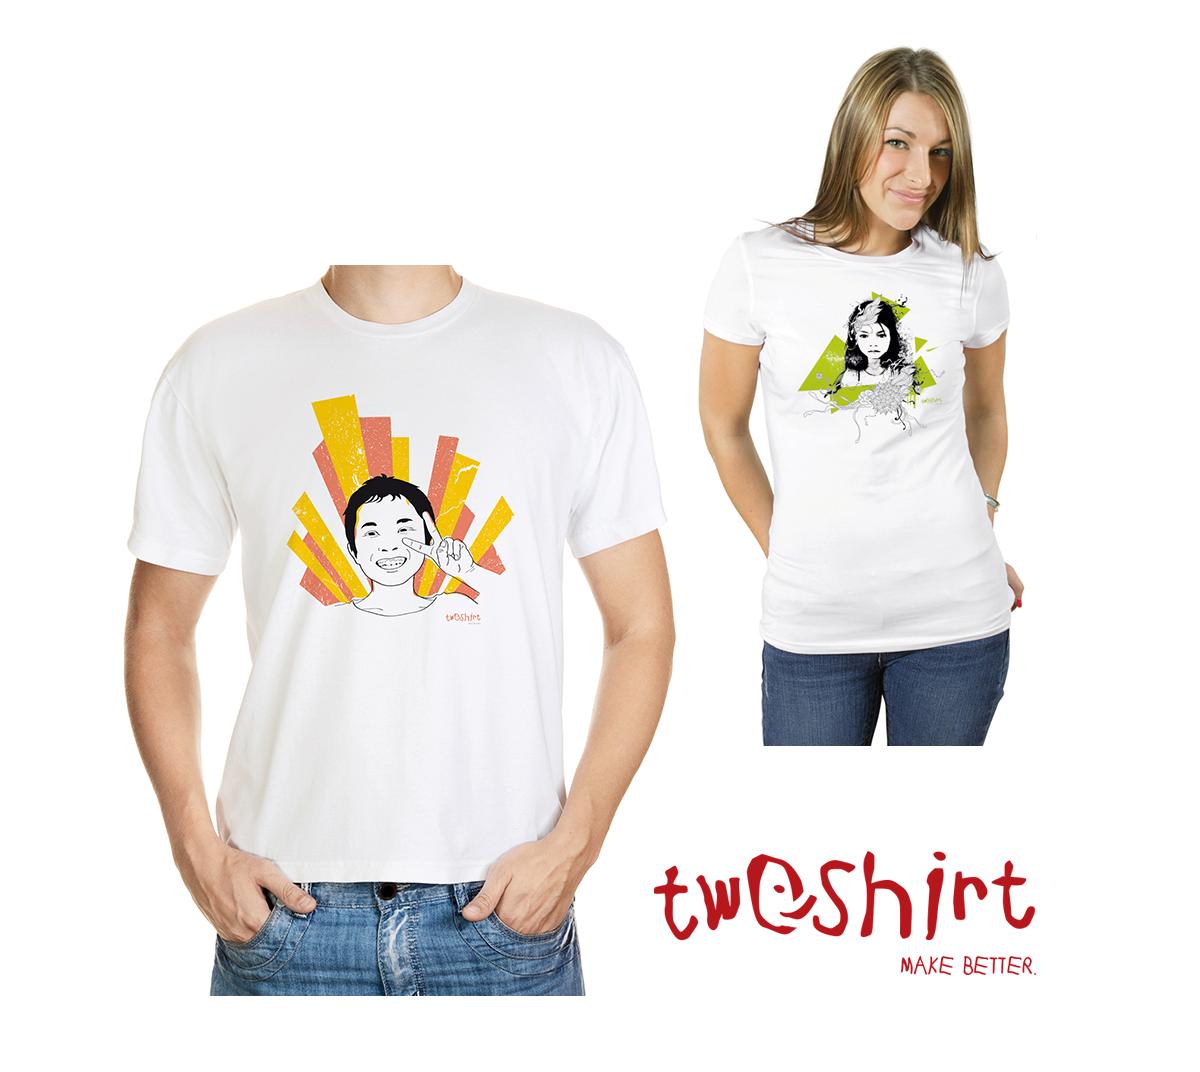 Twoshirt-Ueberblick